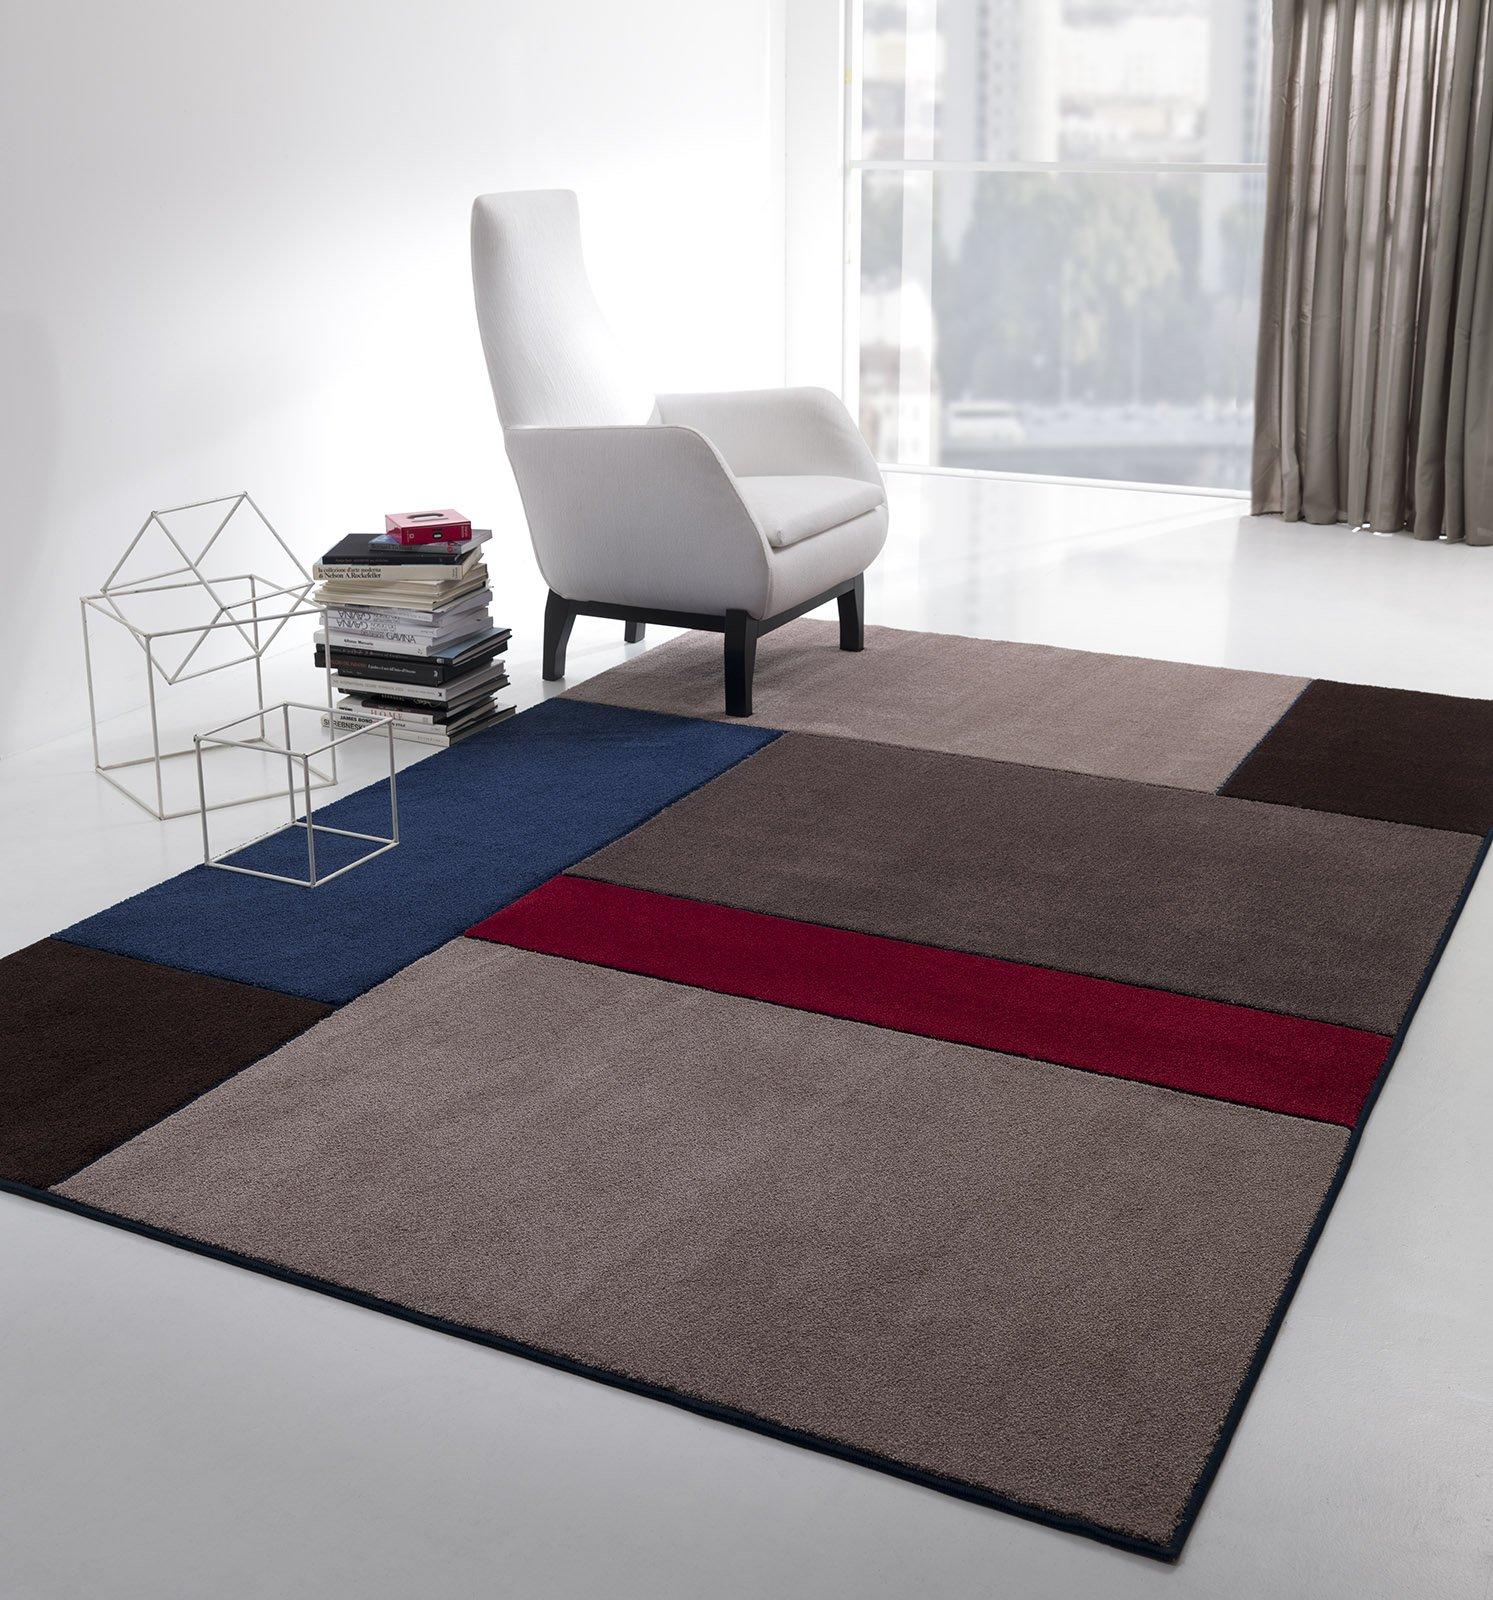 Design contemporaneo per moquette e tappeti naturali e anallergici cose di casa - Tappeti anallergici ...